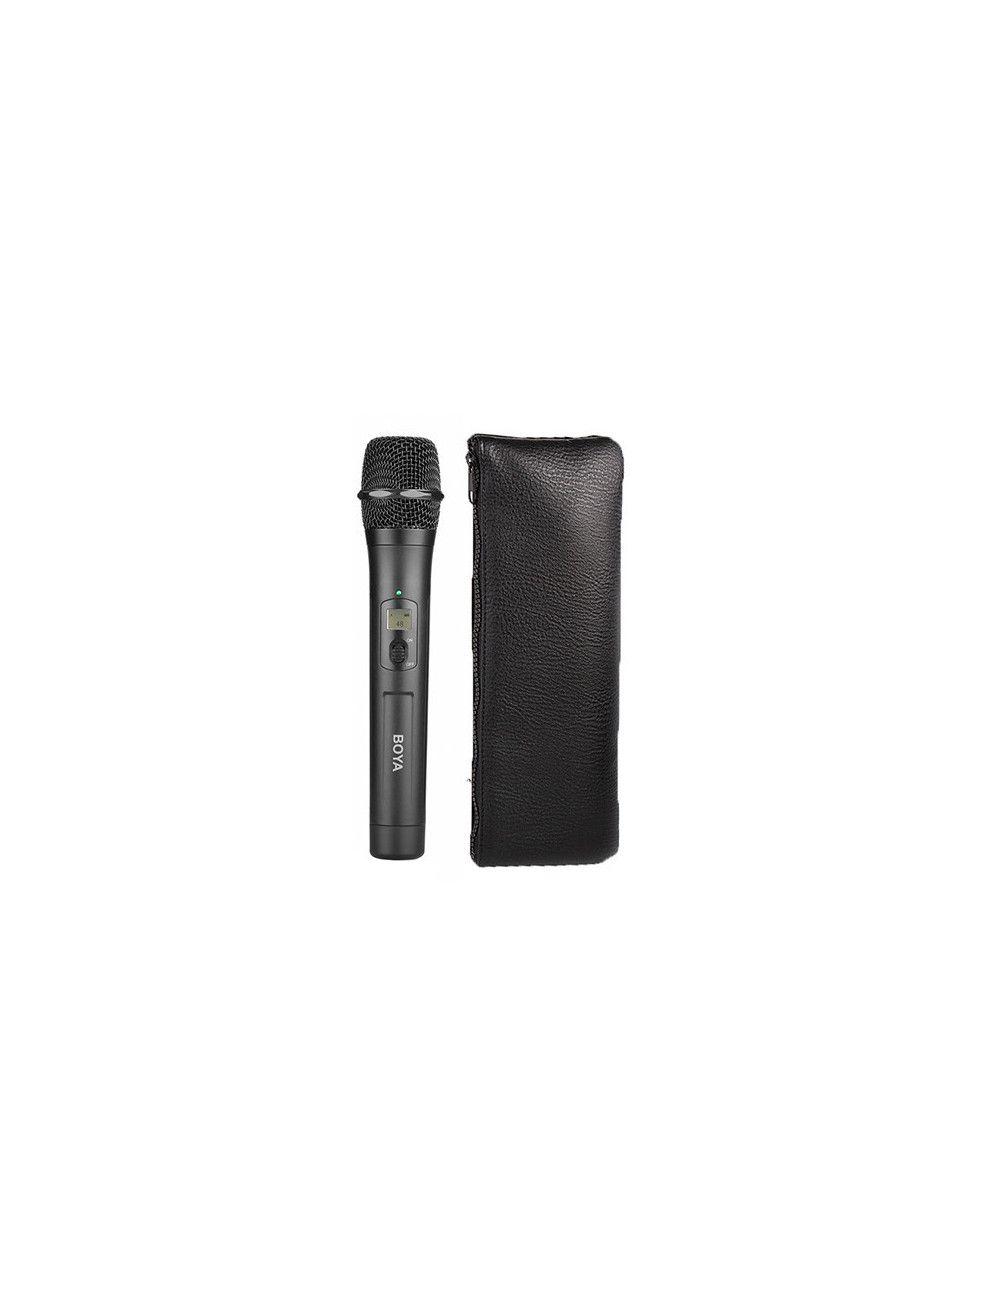 Flash Yongnuo YN560Li con baterías recargable de Litio para Canon Nikon Sony Pentax  y Panasonic